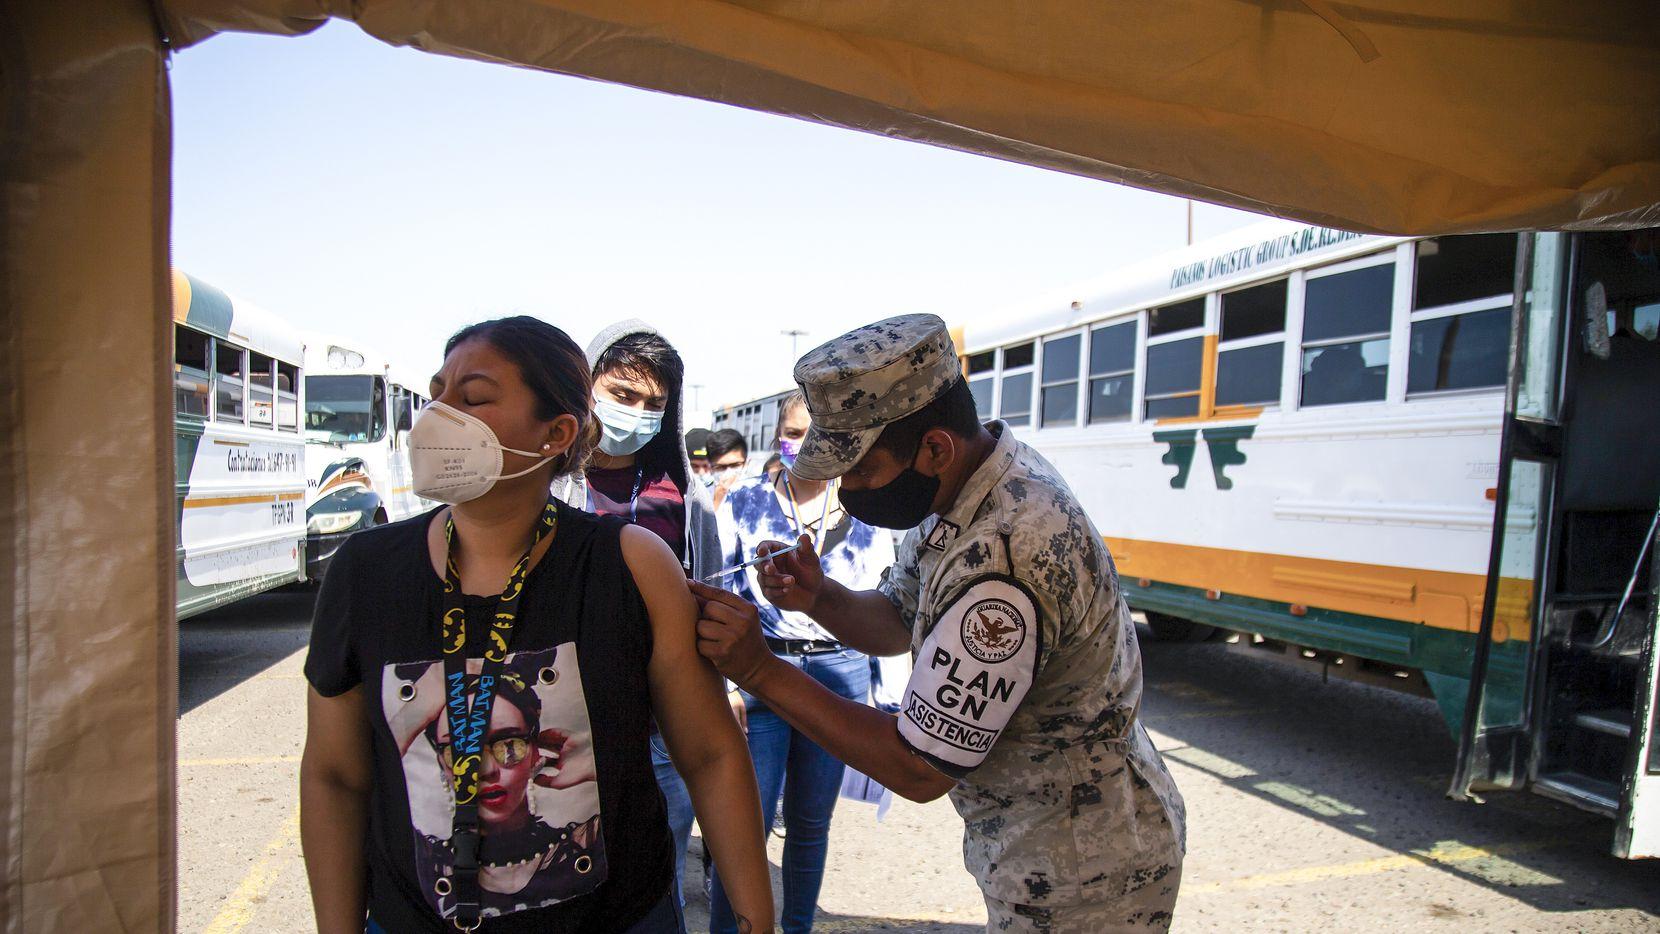 El gobierno de Estados Unidos donó 1.35 millones de vacunas para la población fronteriza de México, pero el gobierno mexicano las envió solo a Baja California, donde se aplicaron casi todas en una semana en jornadas masivas. En la imagen, trabajadores de maquiladoras fueron transportados a los sitios de vacunación para ser inmunizados.